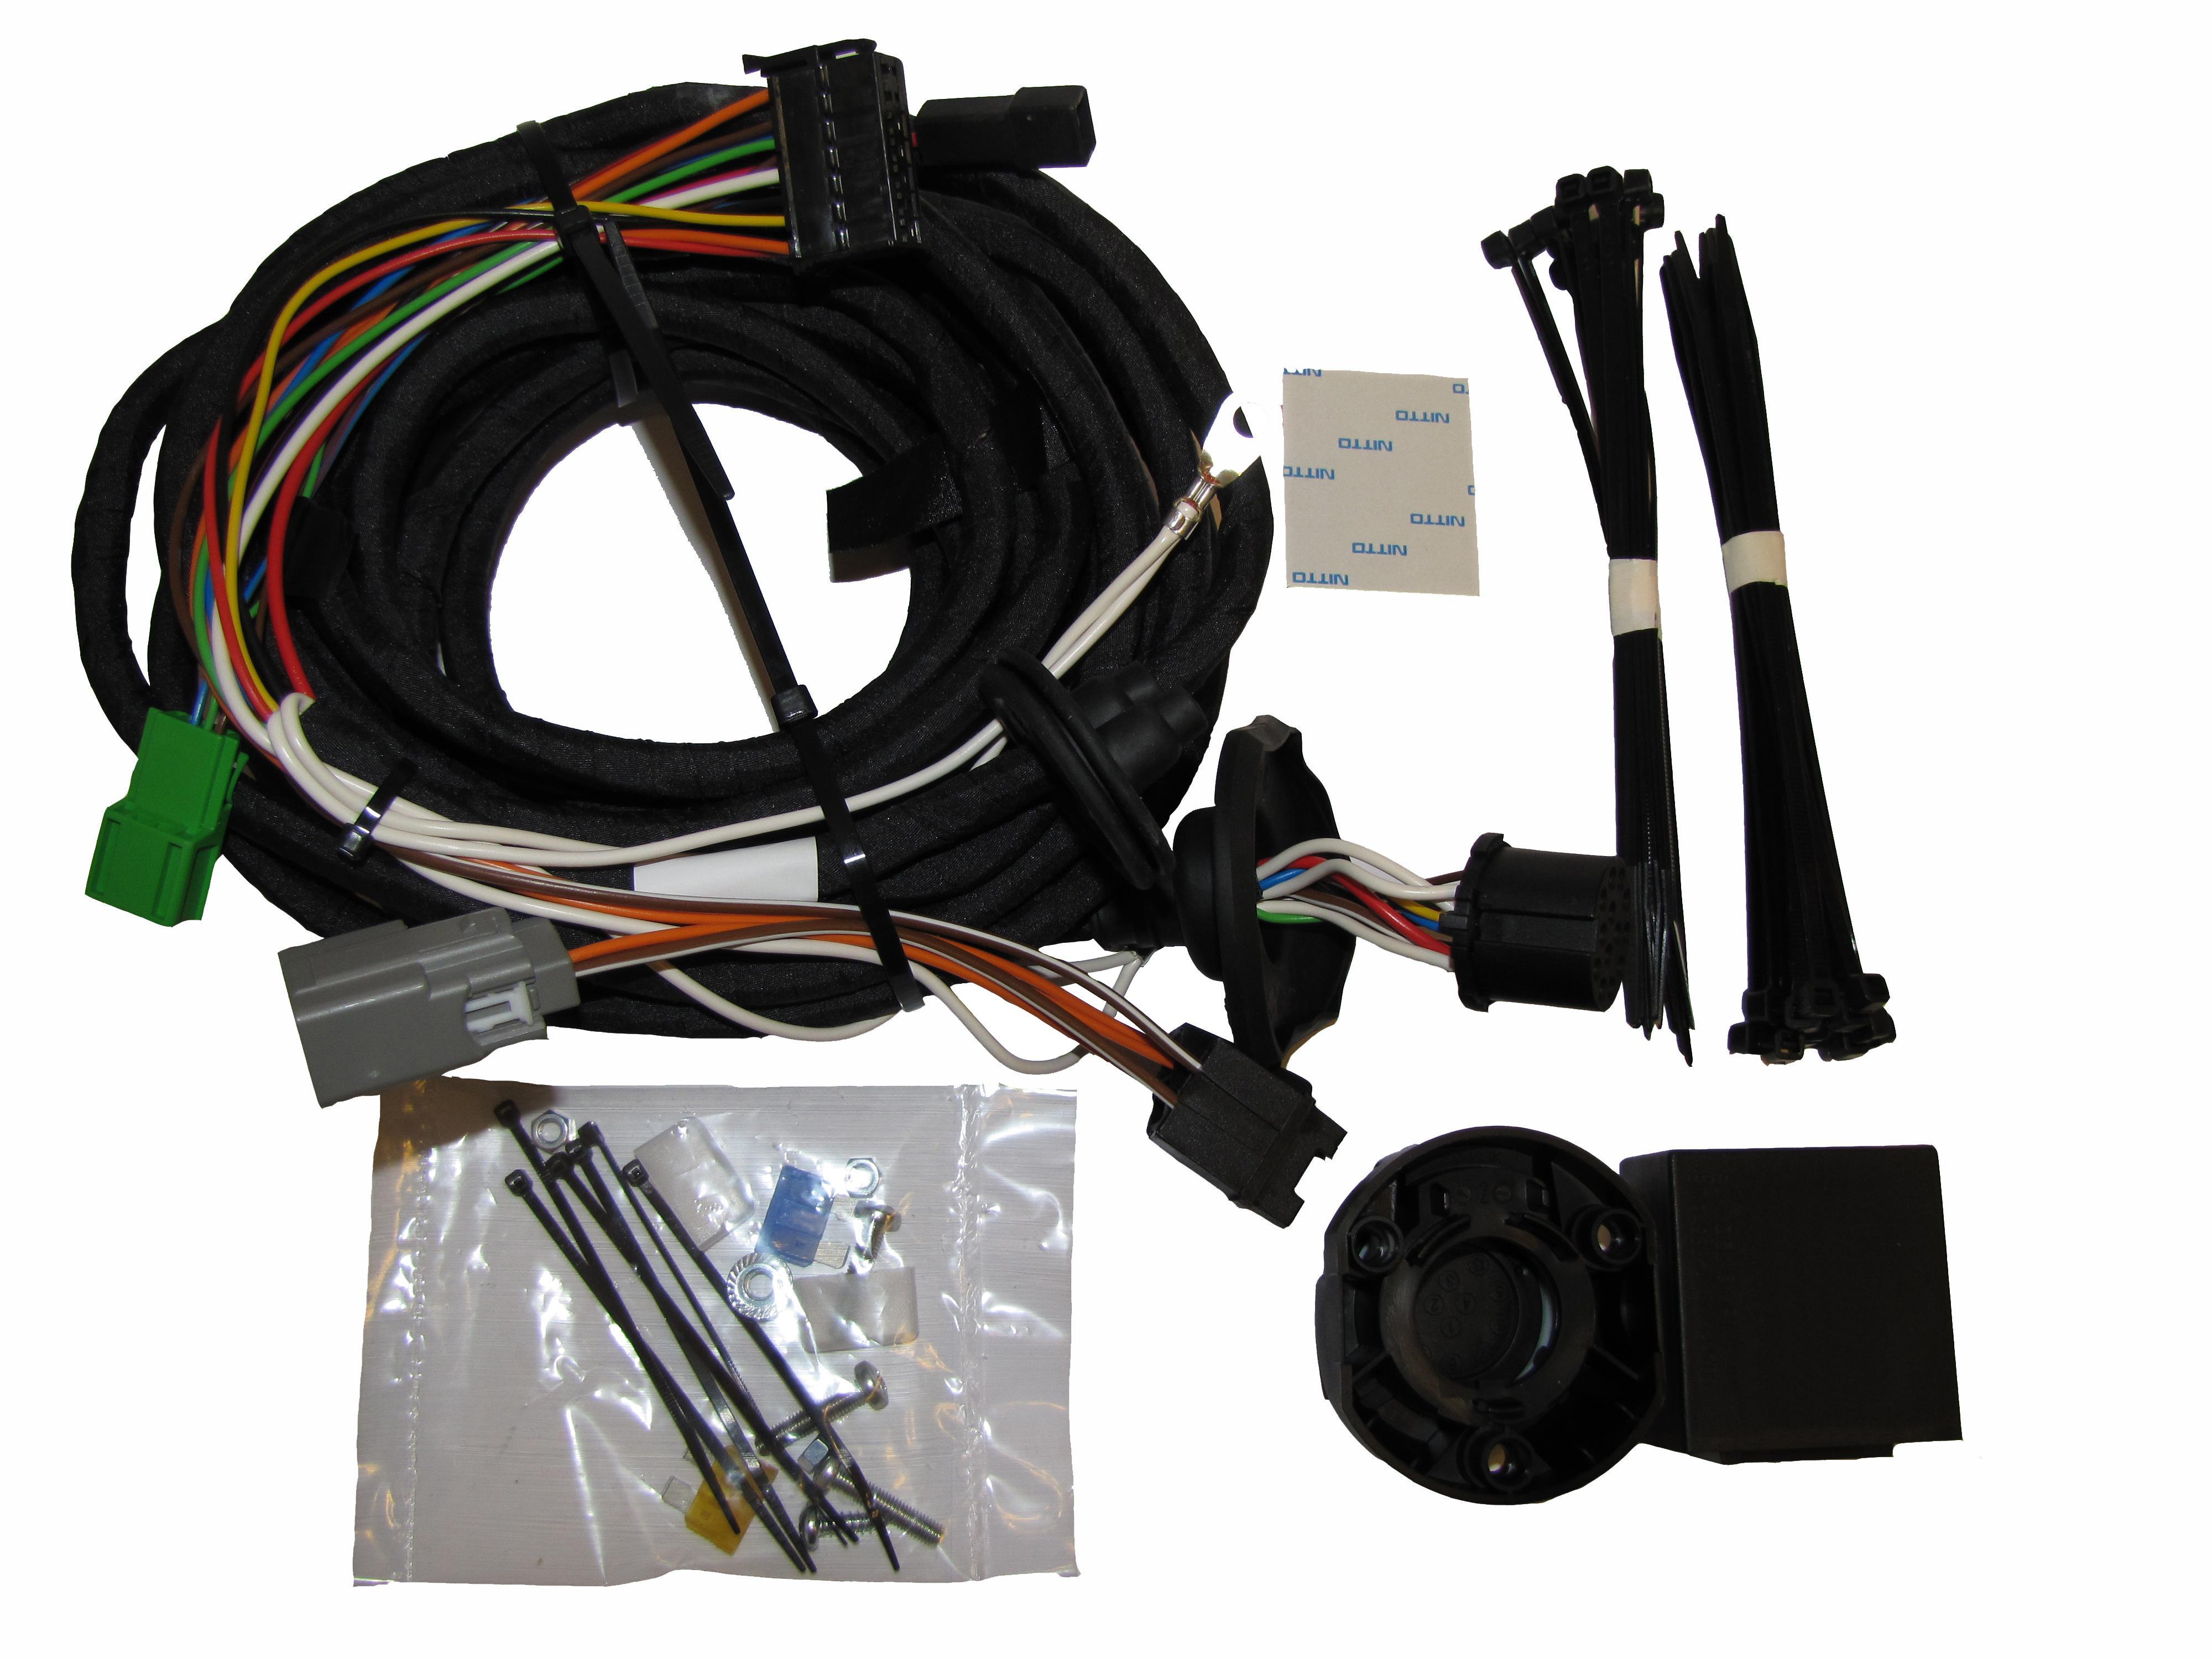 Kup GDW Zestaw elektryczny, zestaw zaczepu przyczepy SET0662 ciężarówki